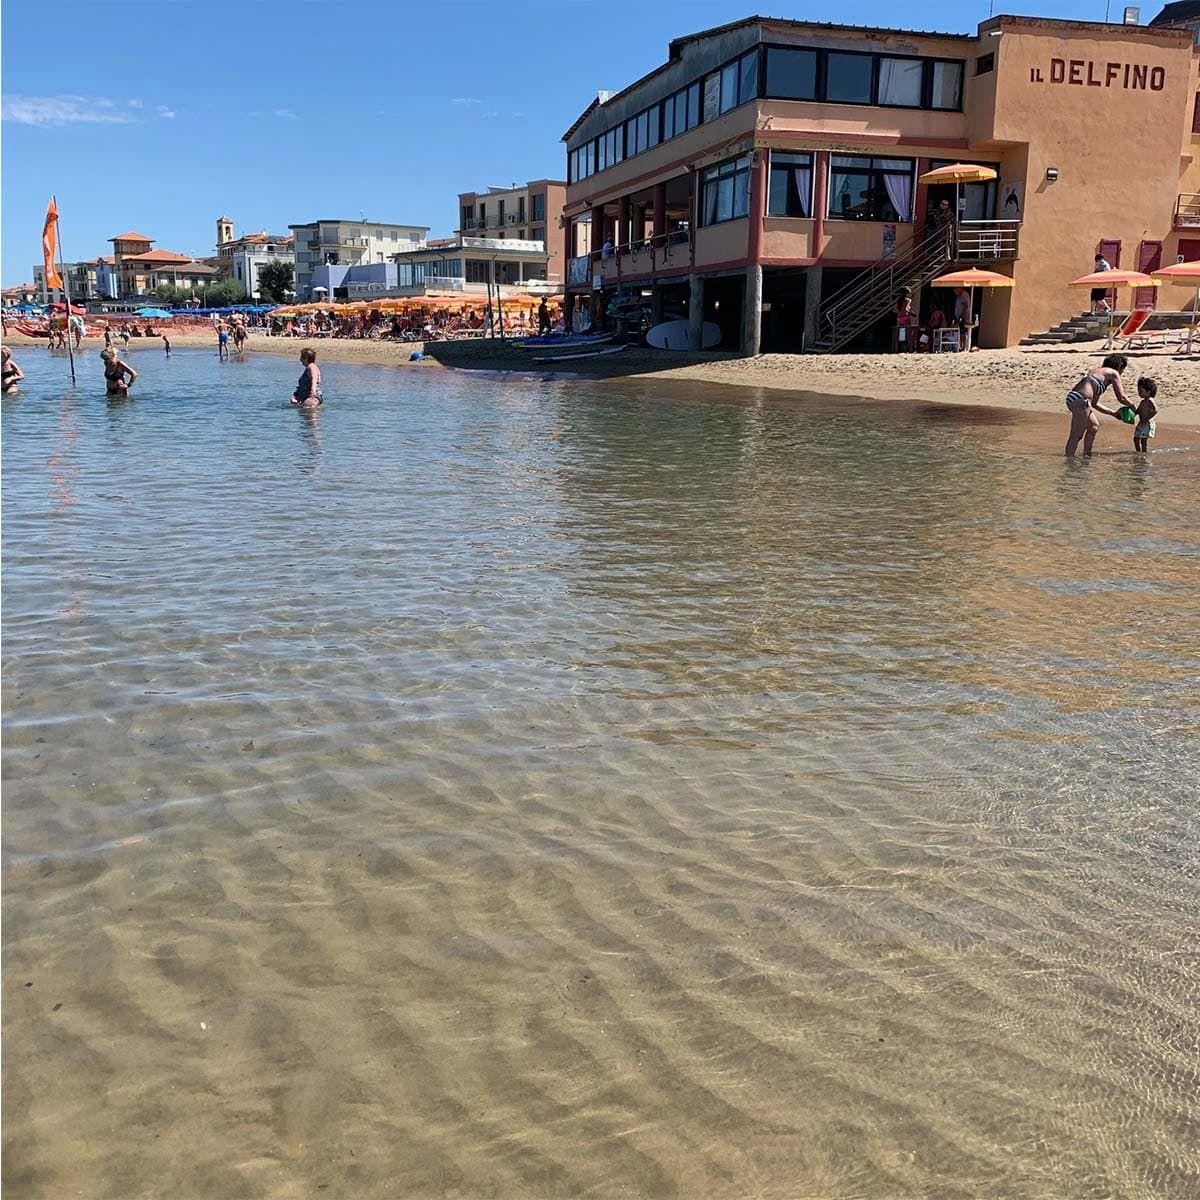 Bagno Delfino